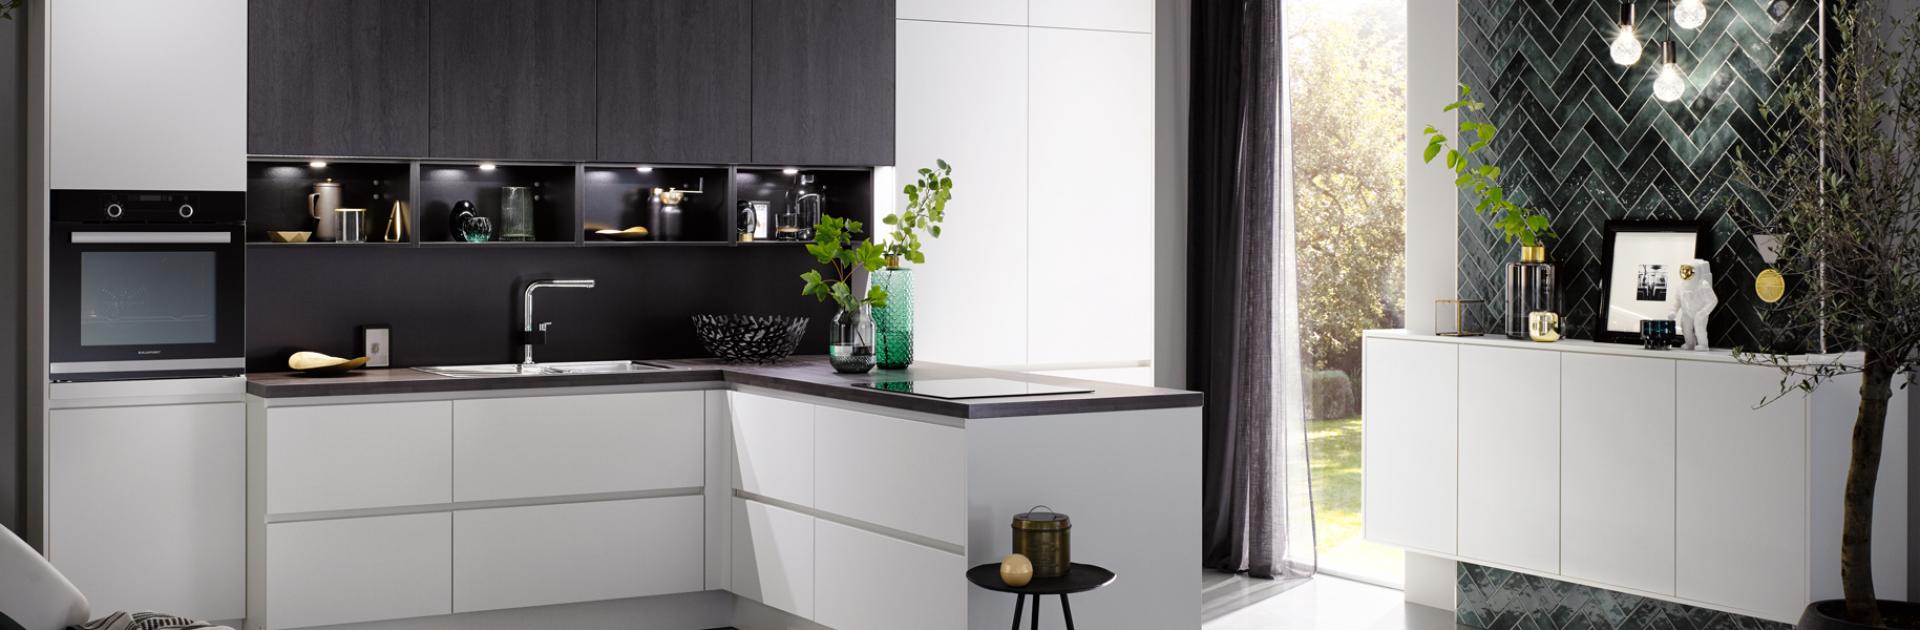 Tips bij het kopen van een nieuwe keuken | Eigenhuis Keukens